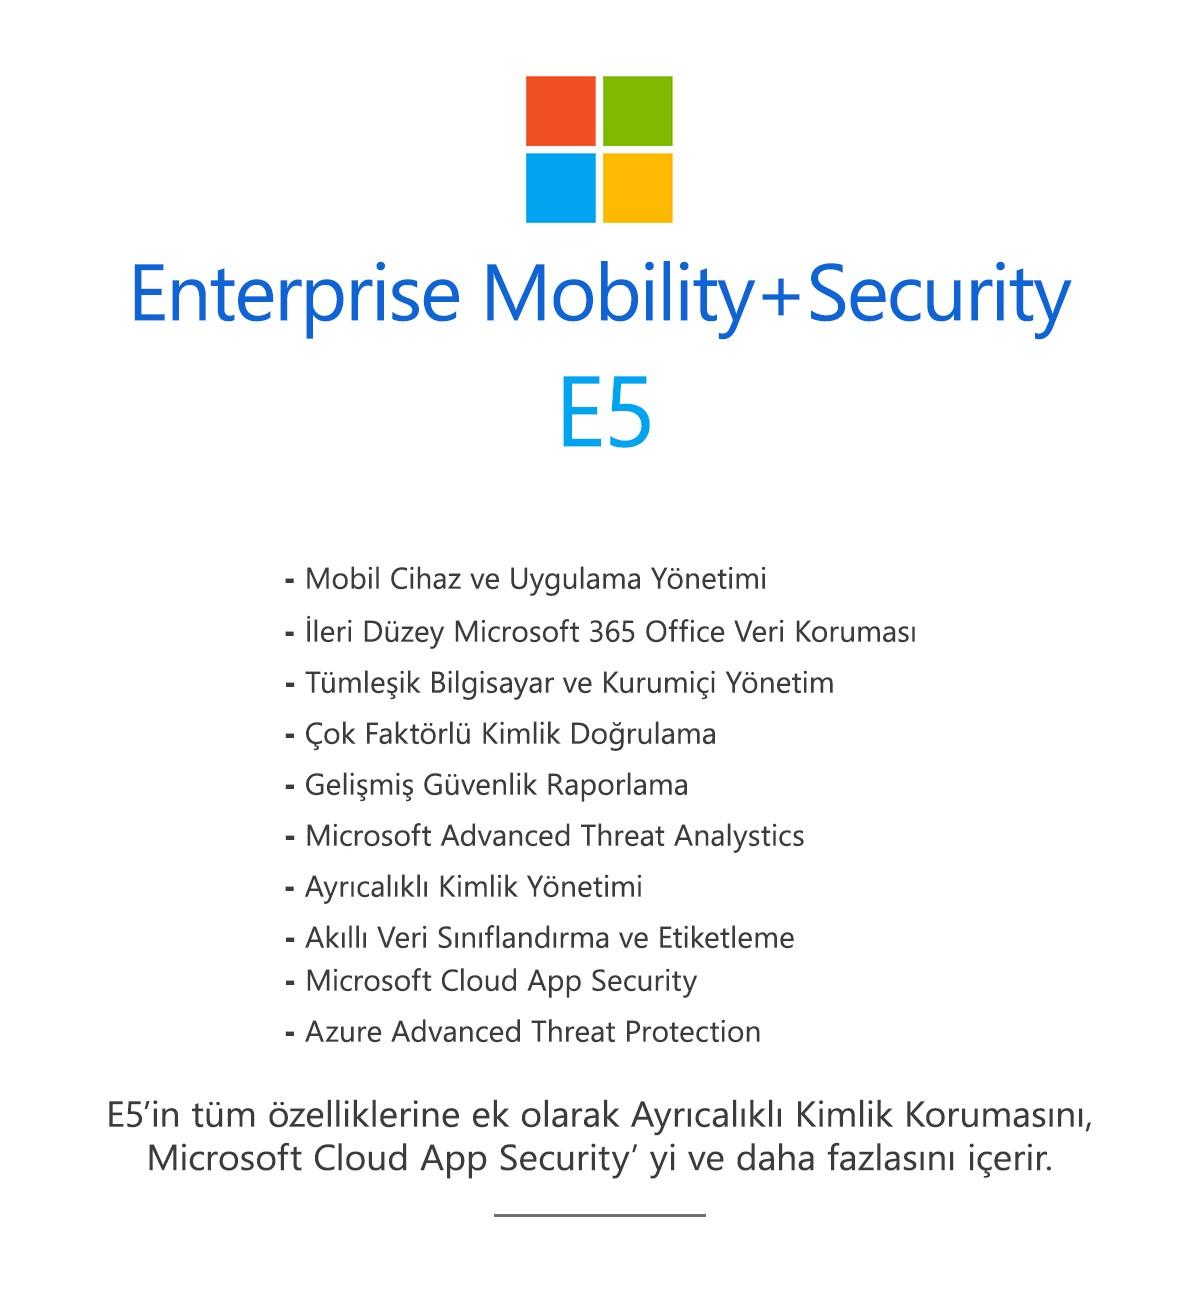 Enterprise Mobility+Security E5